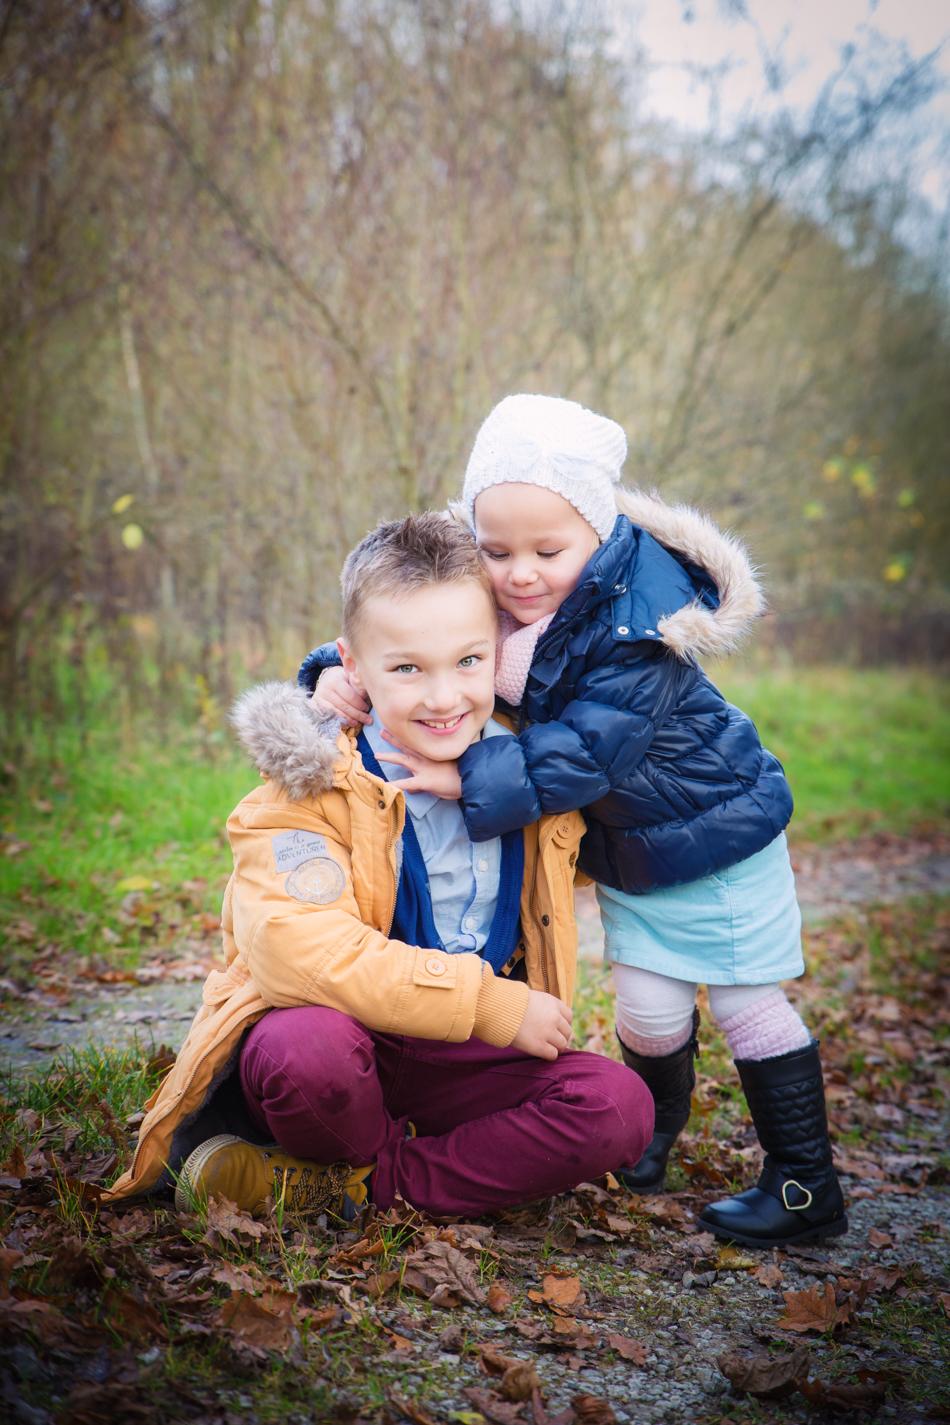 Kinderfotoshooting-Kinderbilder-Fotograf-Rheinfelden (2 von 2)